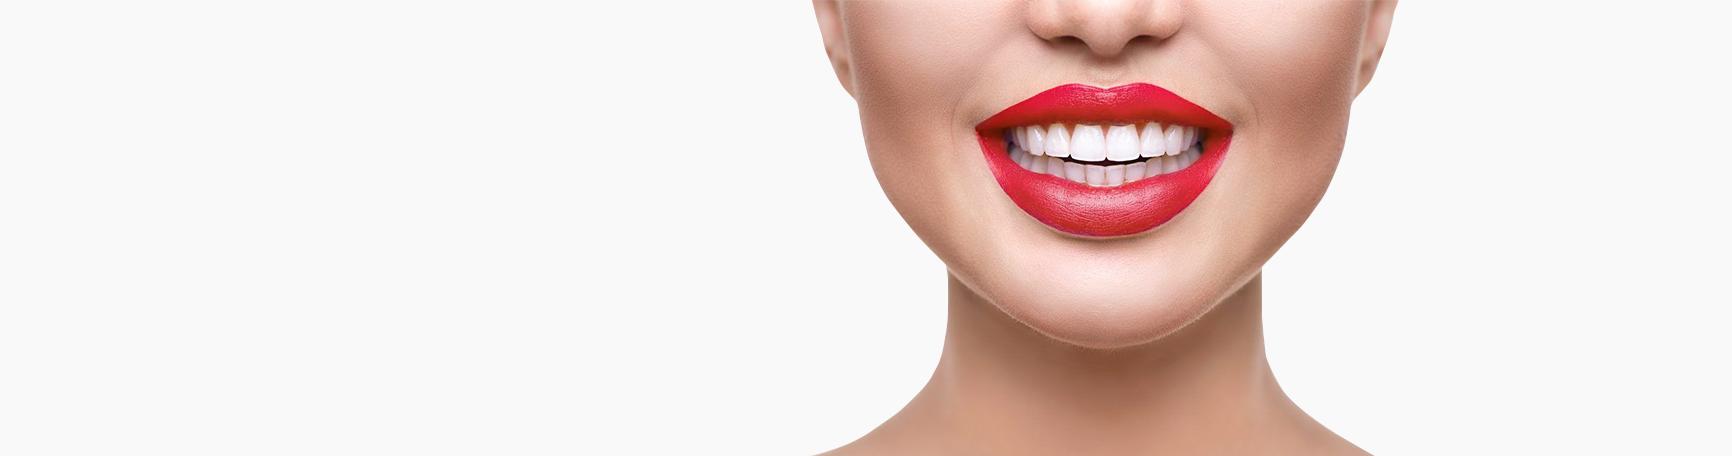 отзывы про отбеливание зубов